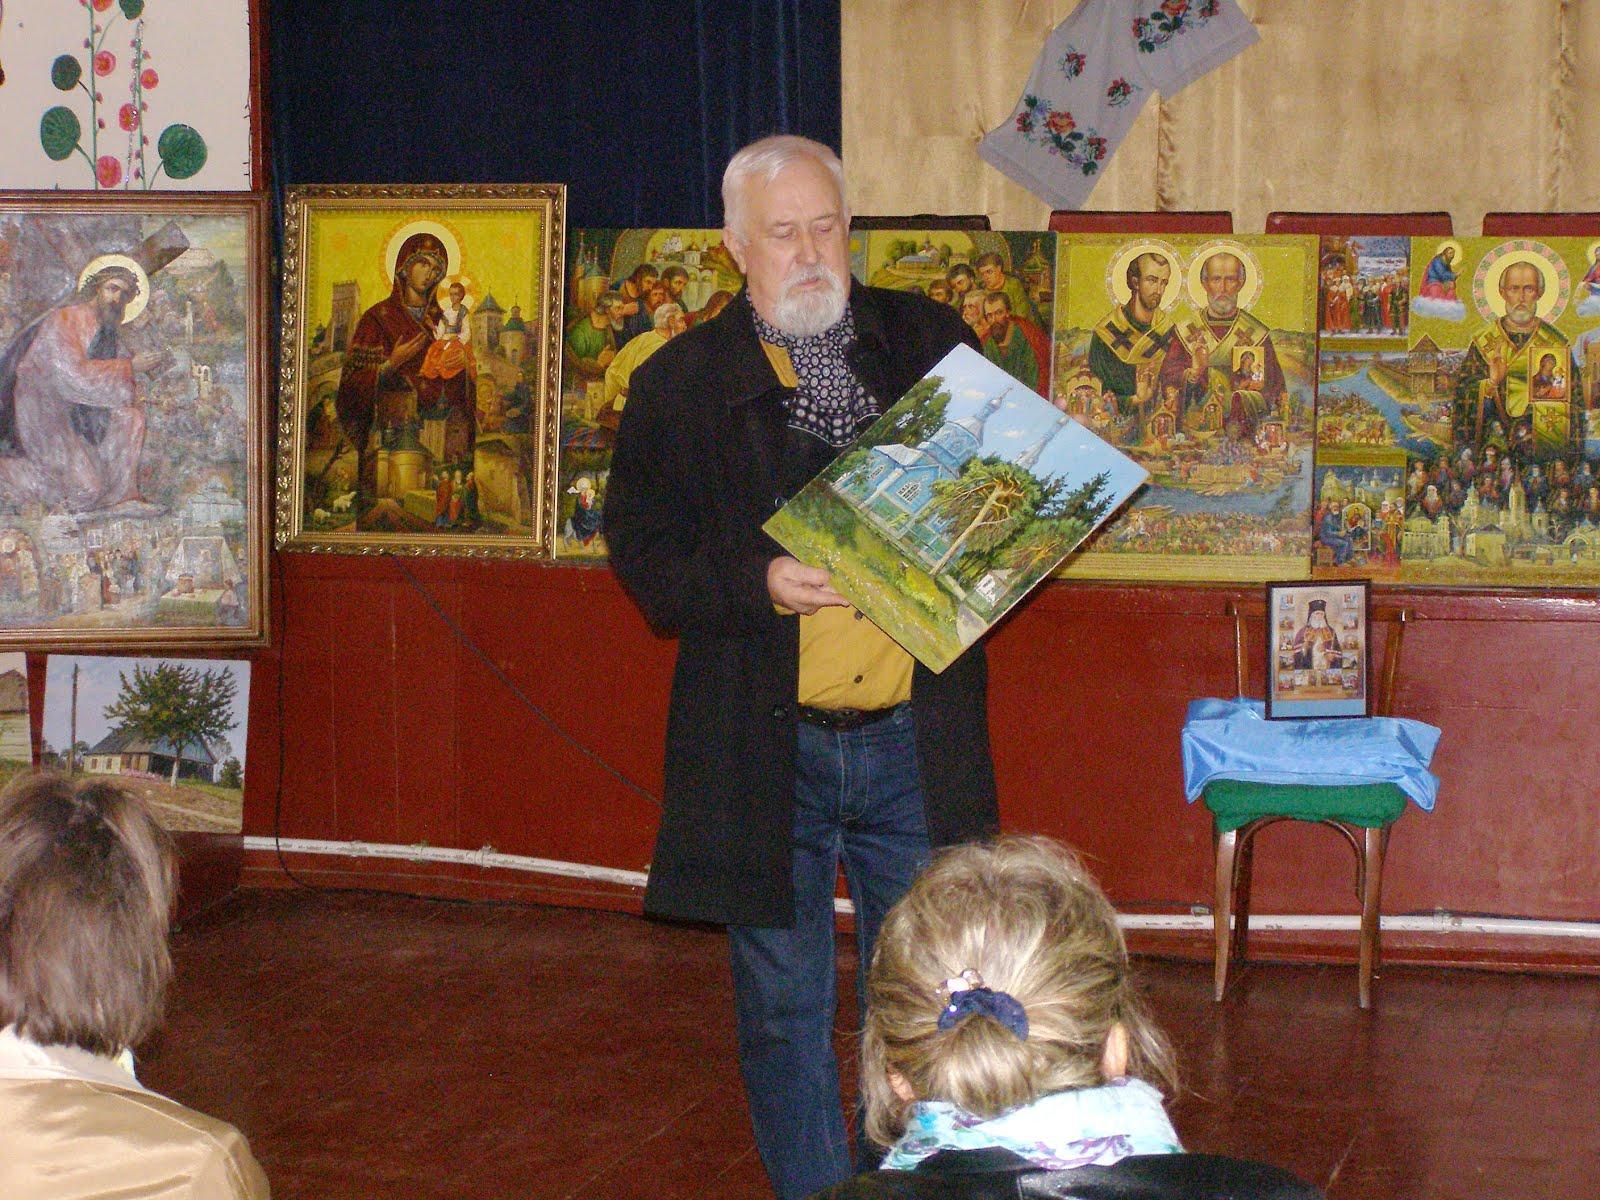 Зустріч з відомим художником з Луцька Володимиром Григоровичем Жупанюком.